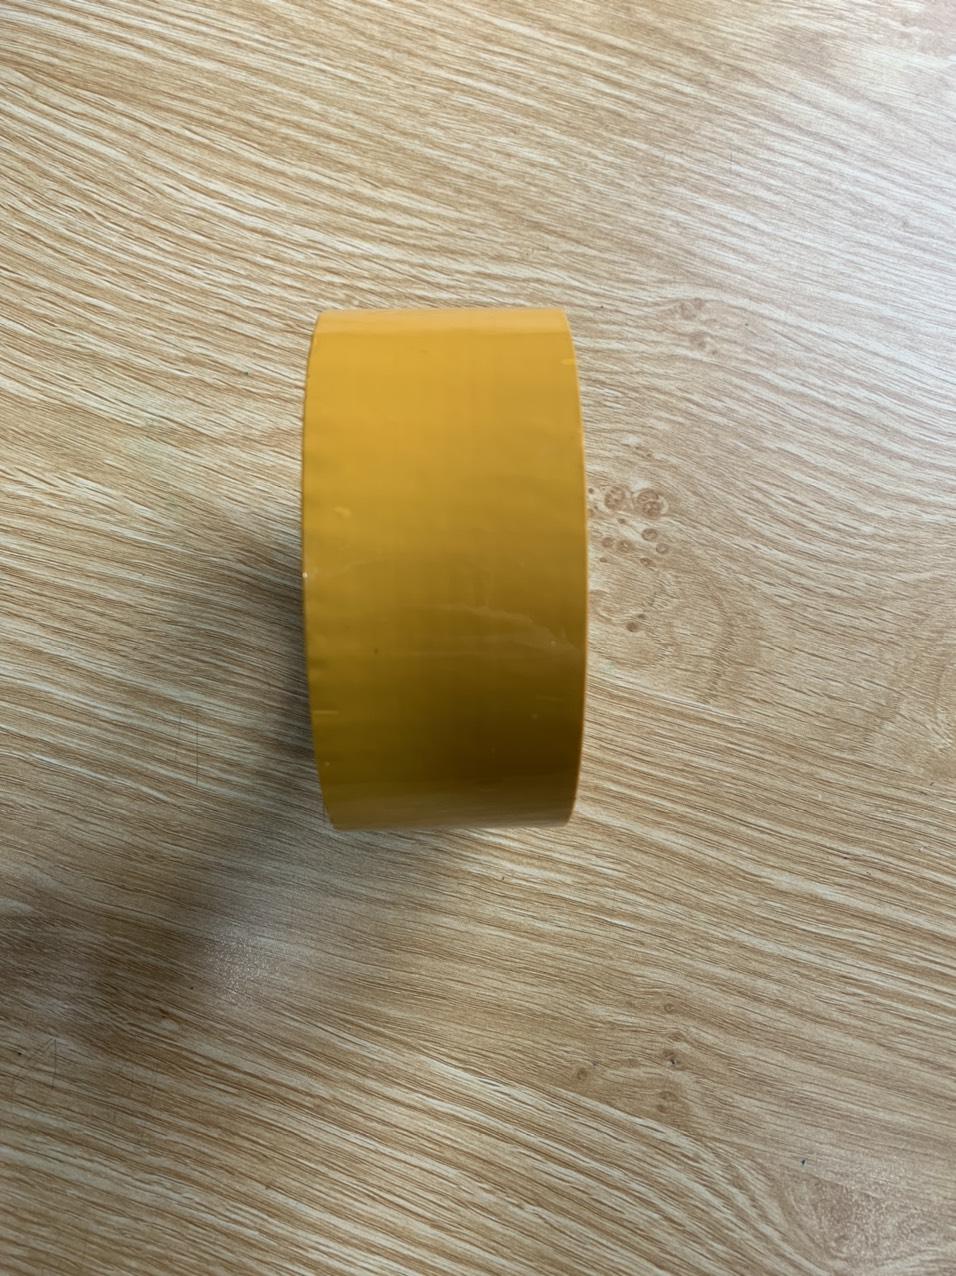 Băng keo dán thùng Vietnam màu vàng, bản rộng 50mm